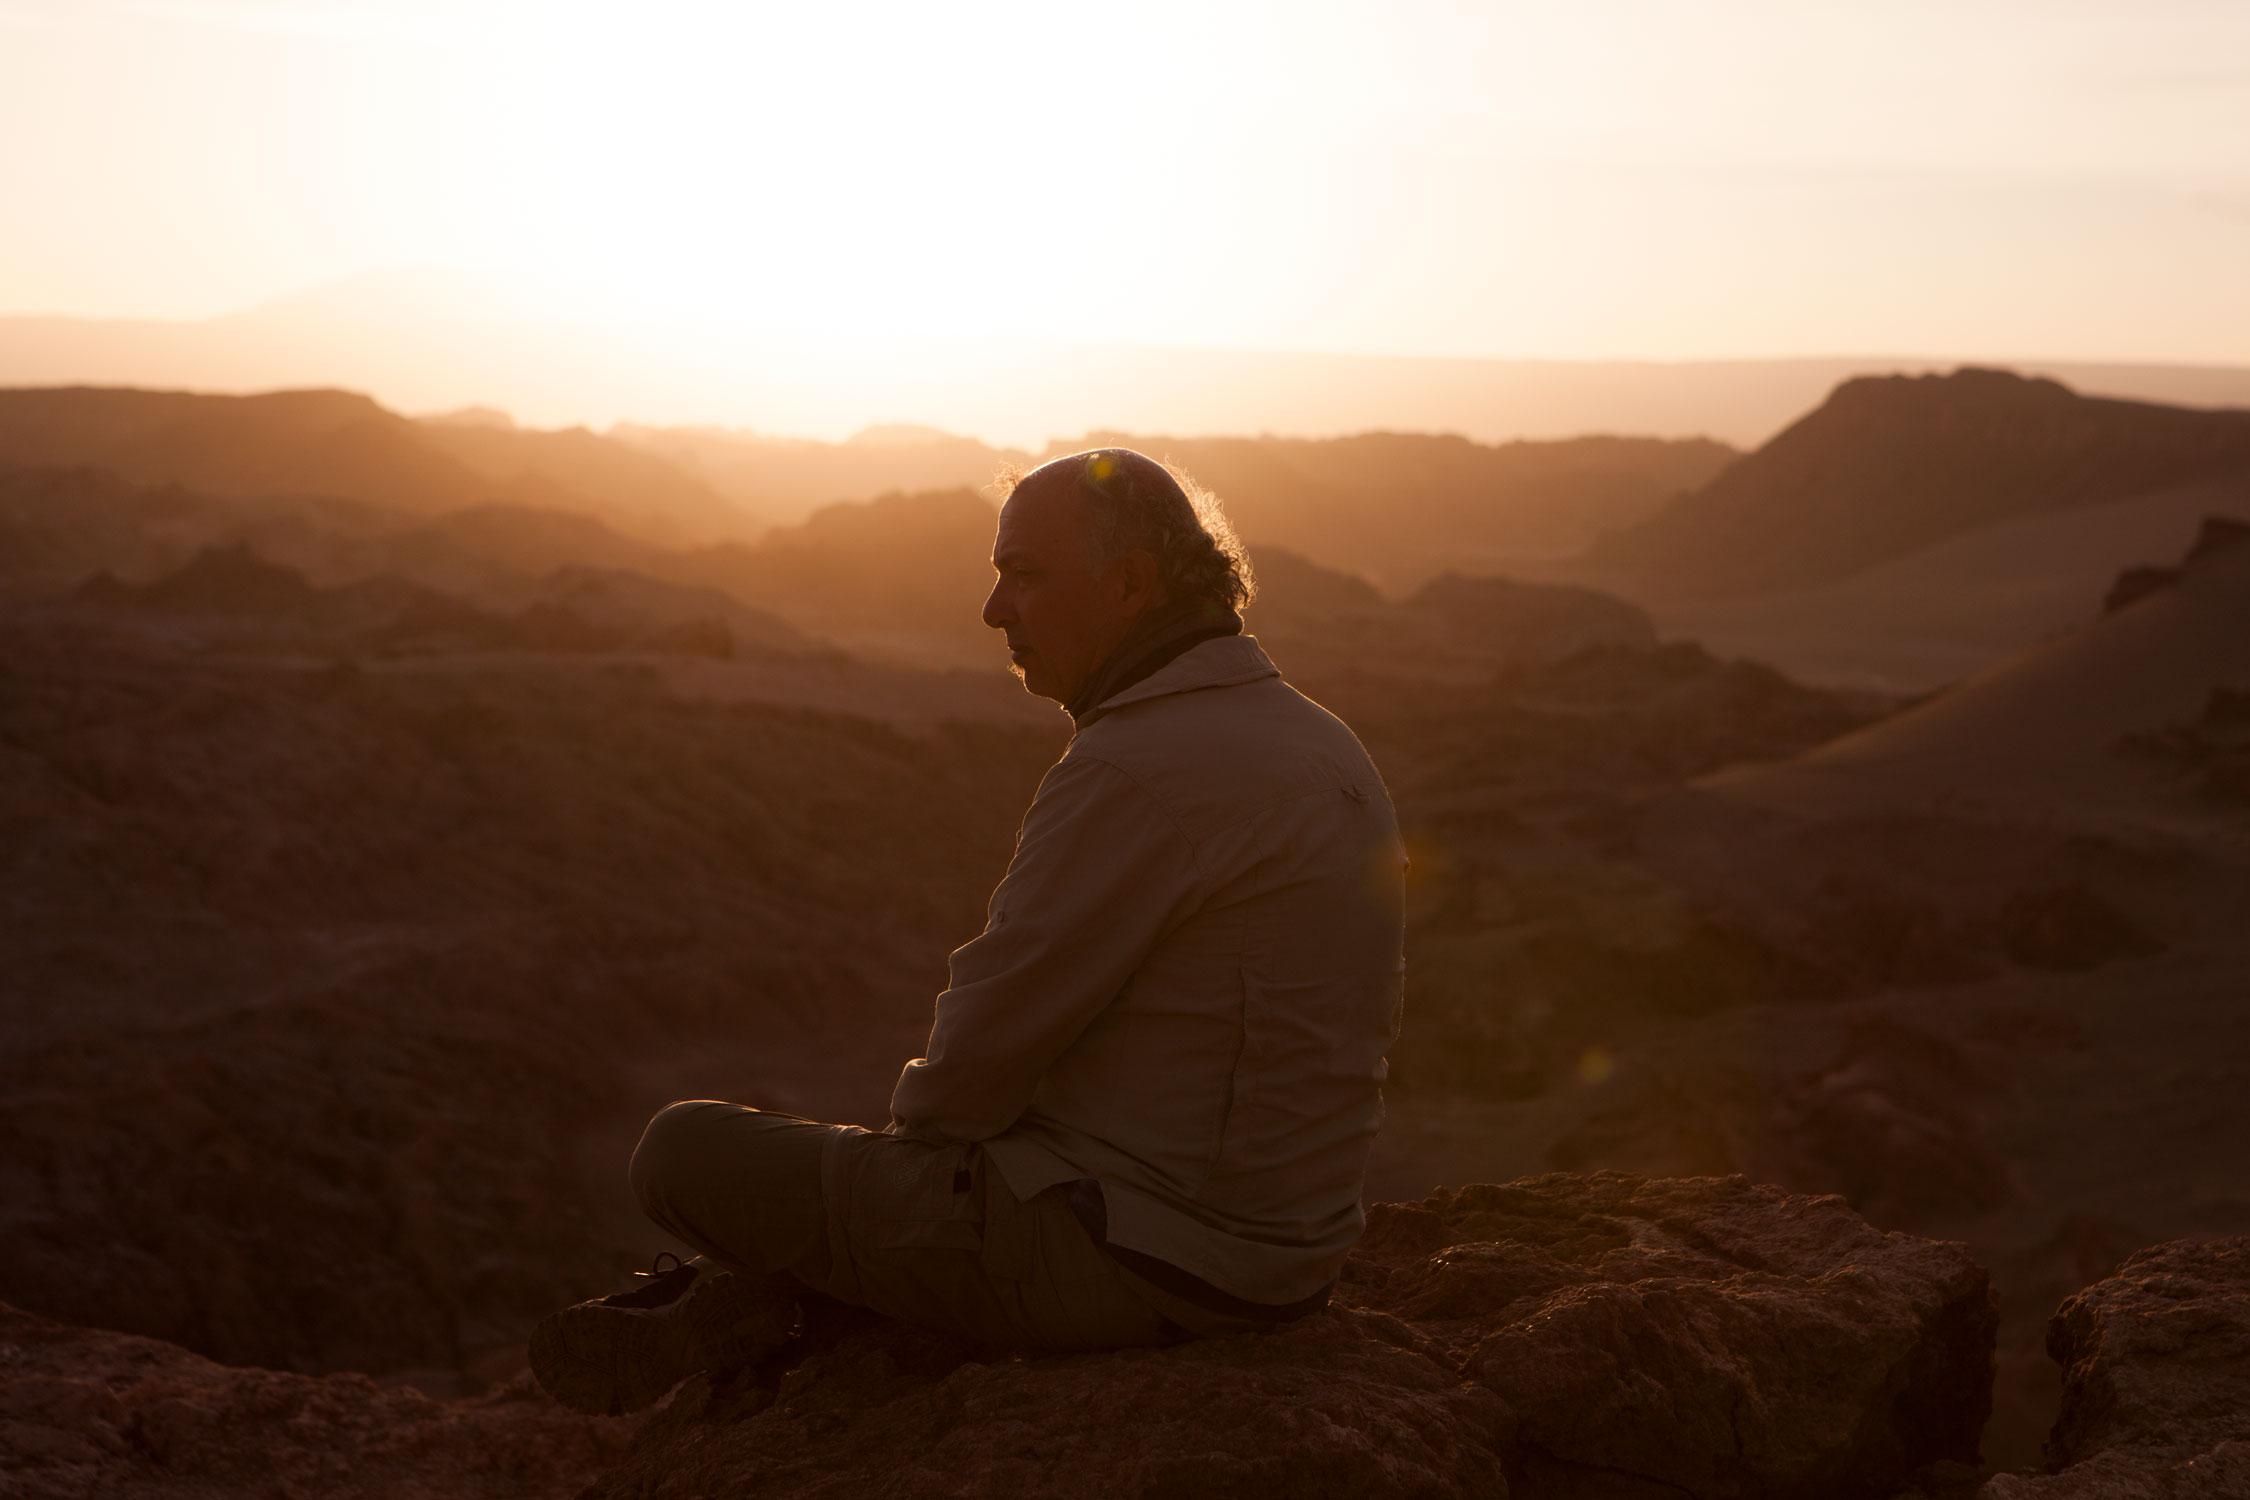 atacama-desert-chile-wander-south-valle-de-luna-sunset-random-guy.jpg